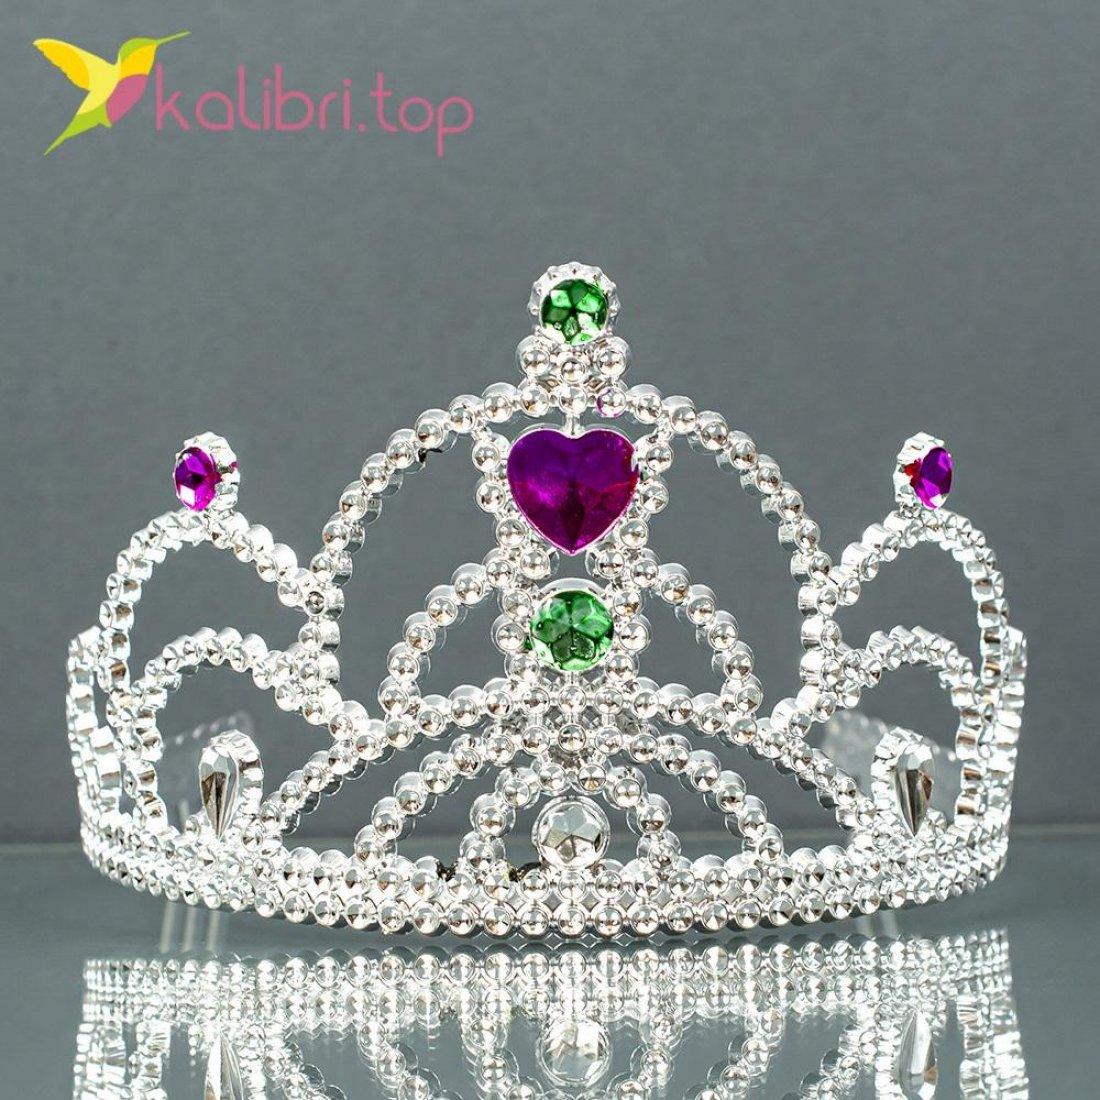 Новогодняя корона розовое сердце оптом фото 5587